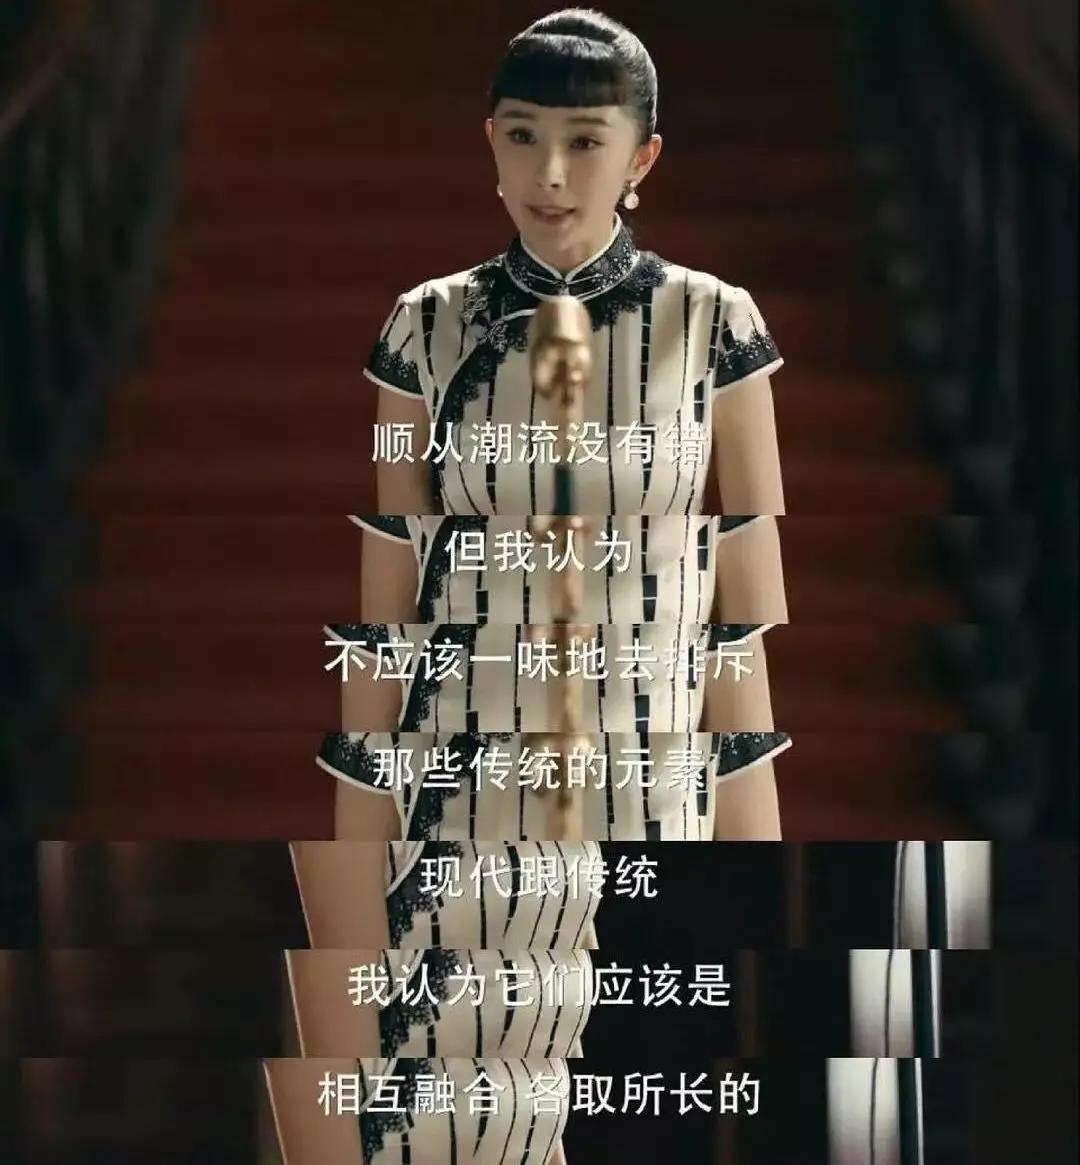 """建筑梦想中的热血人生,《筑梦情缘》让""""中国造""""更具民族情怀_傅函君 - 搜狐 -f4da82d07c044781990f43b7e451b5d0"""